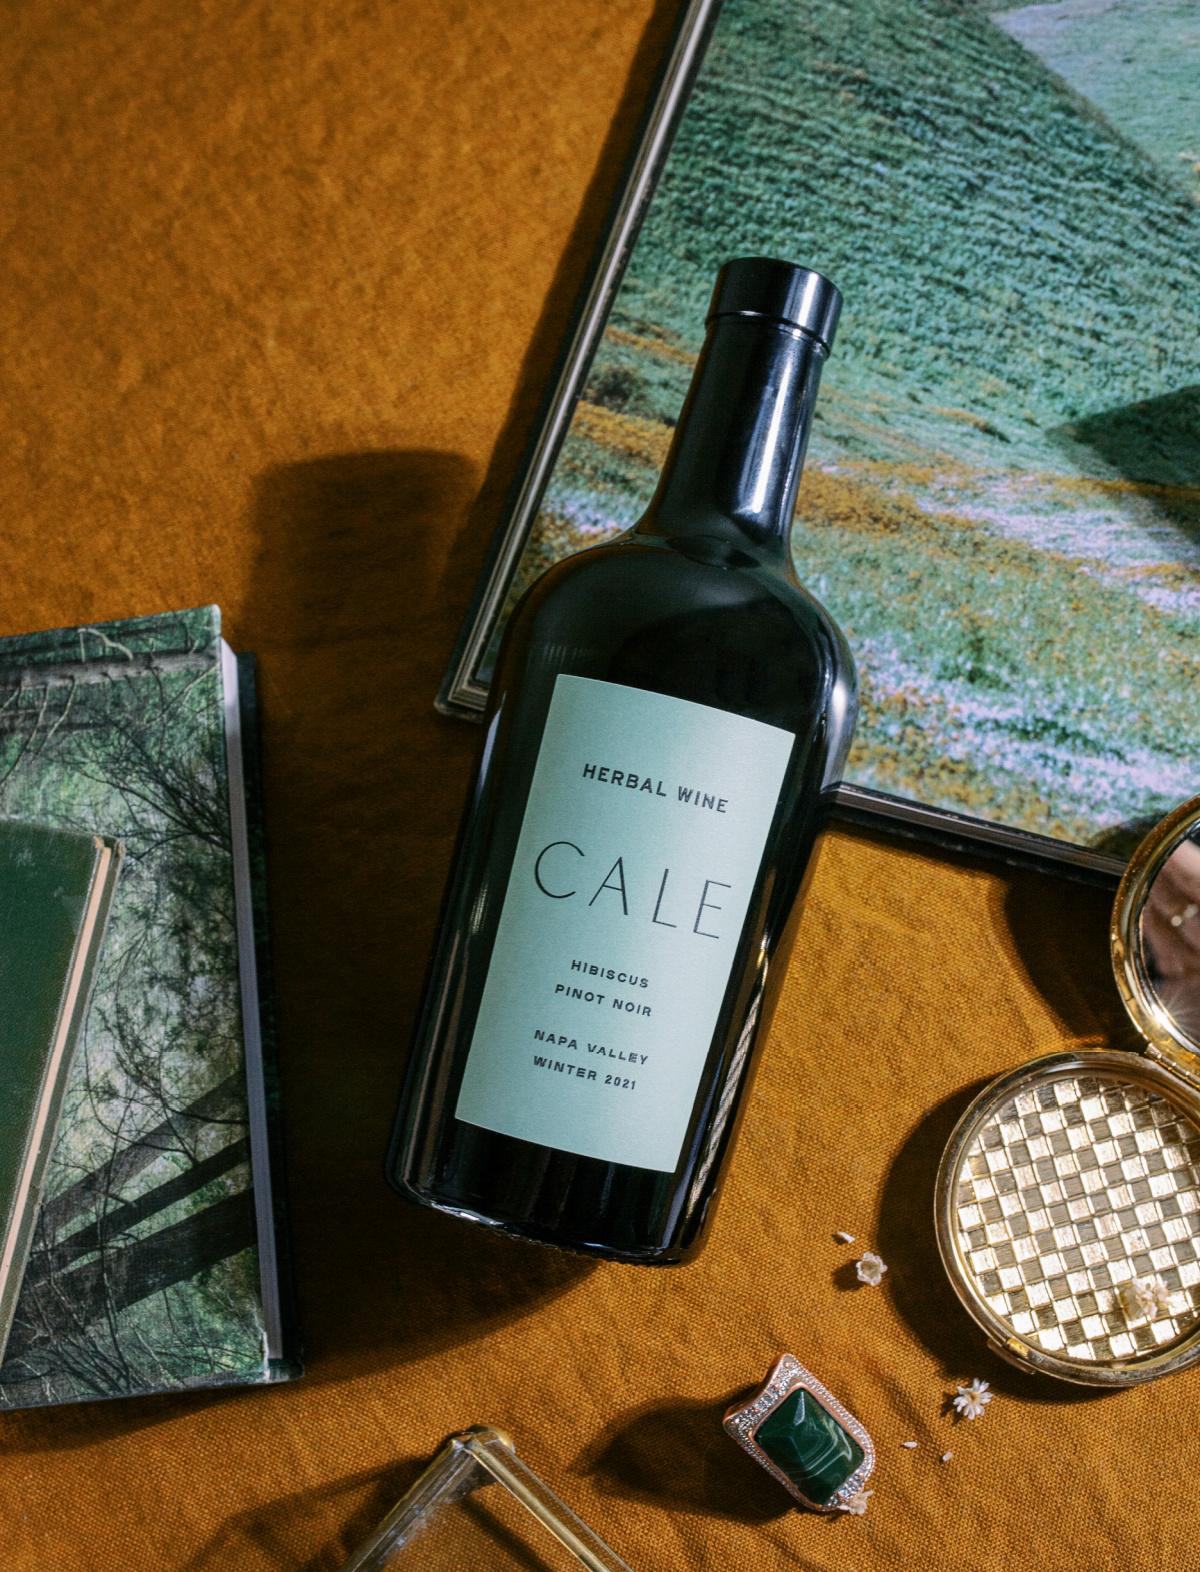 herbal wine in a bottle